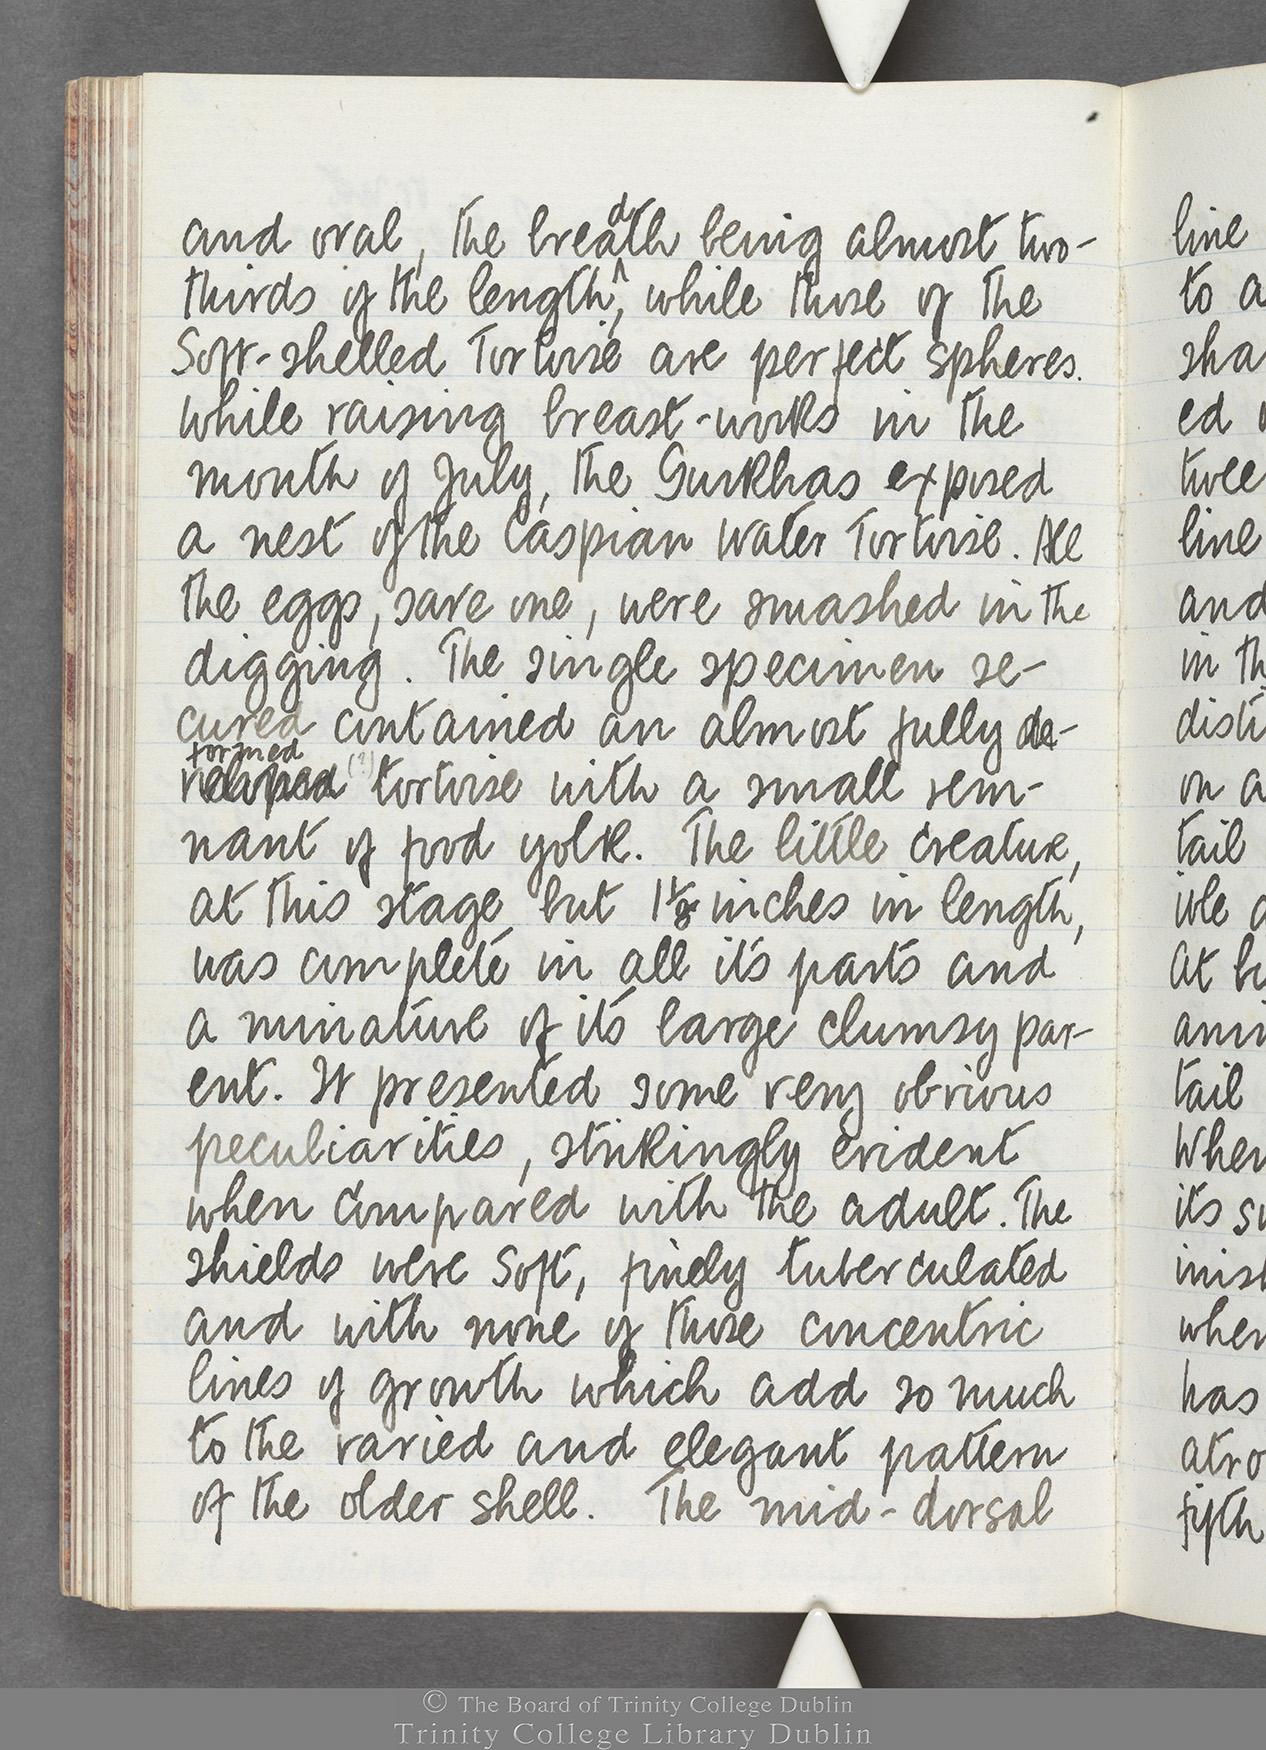 TCD MS 10516 folio 65 verso